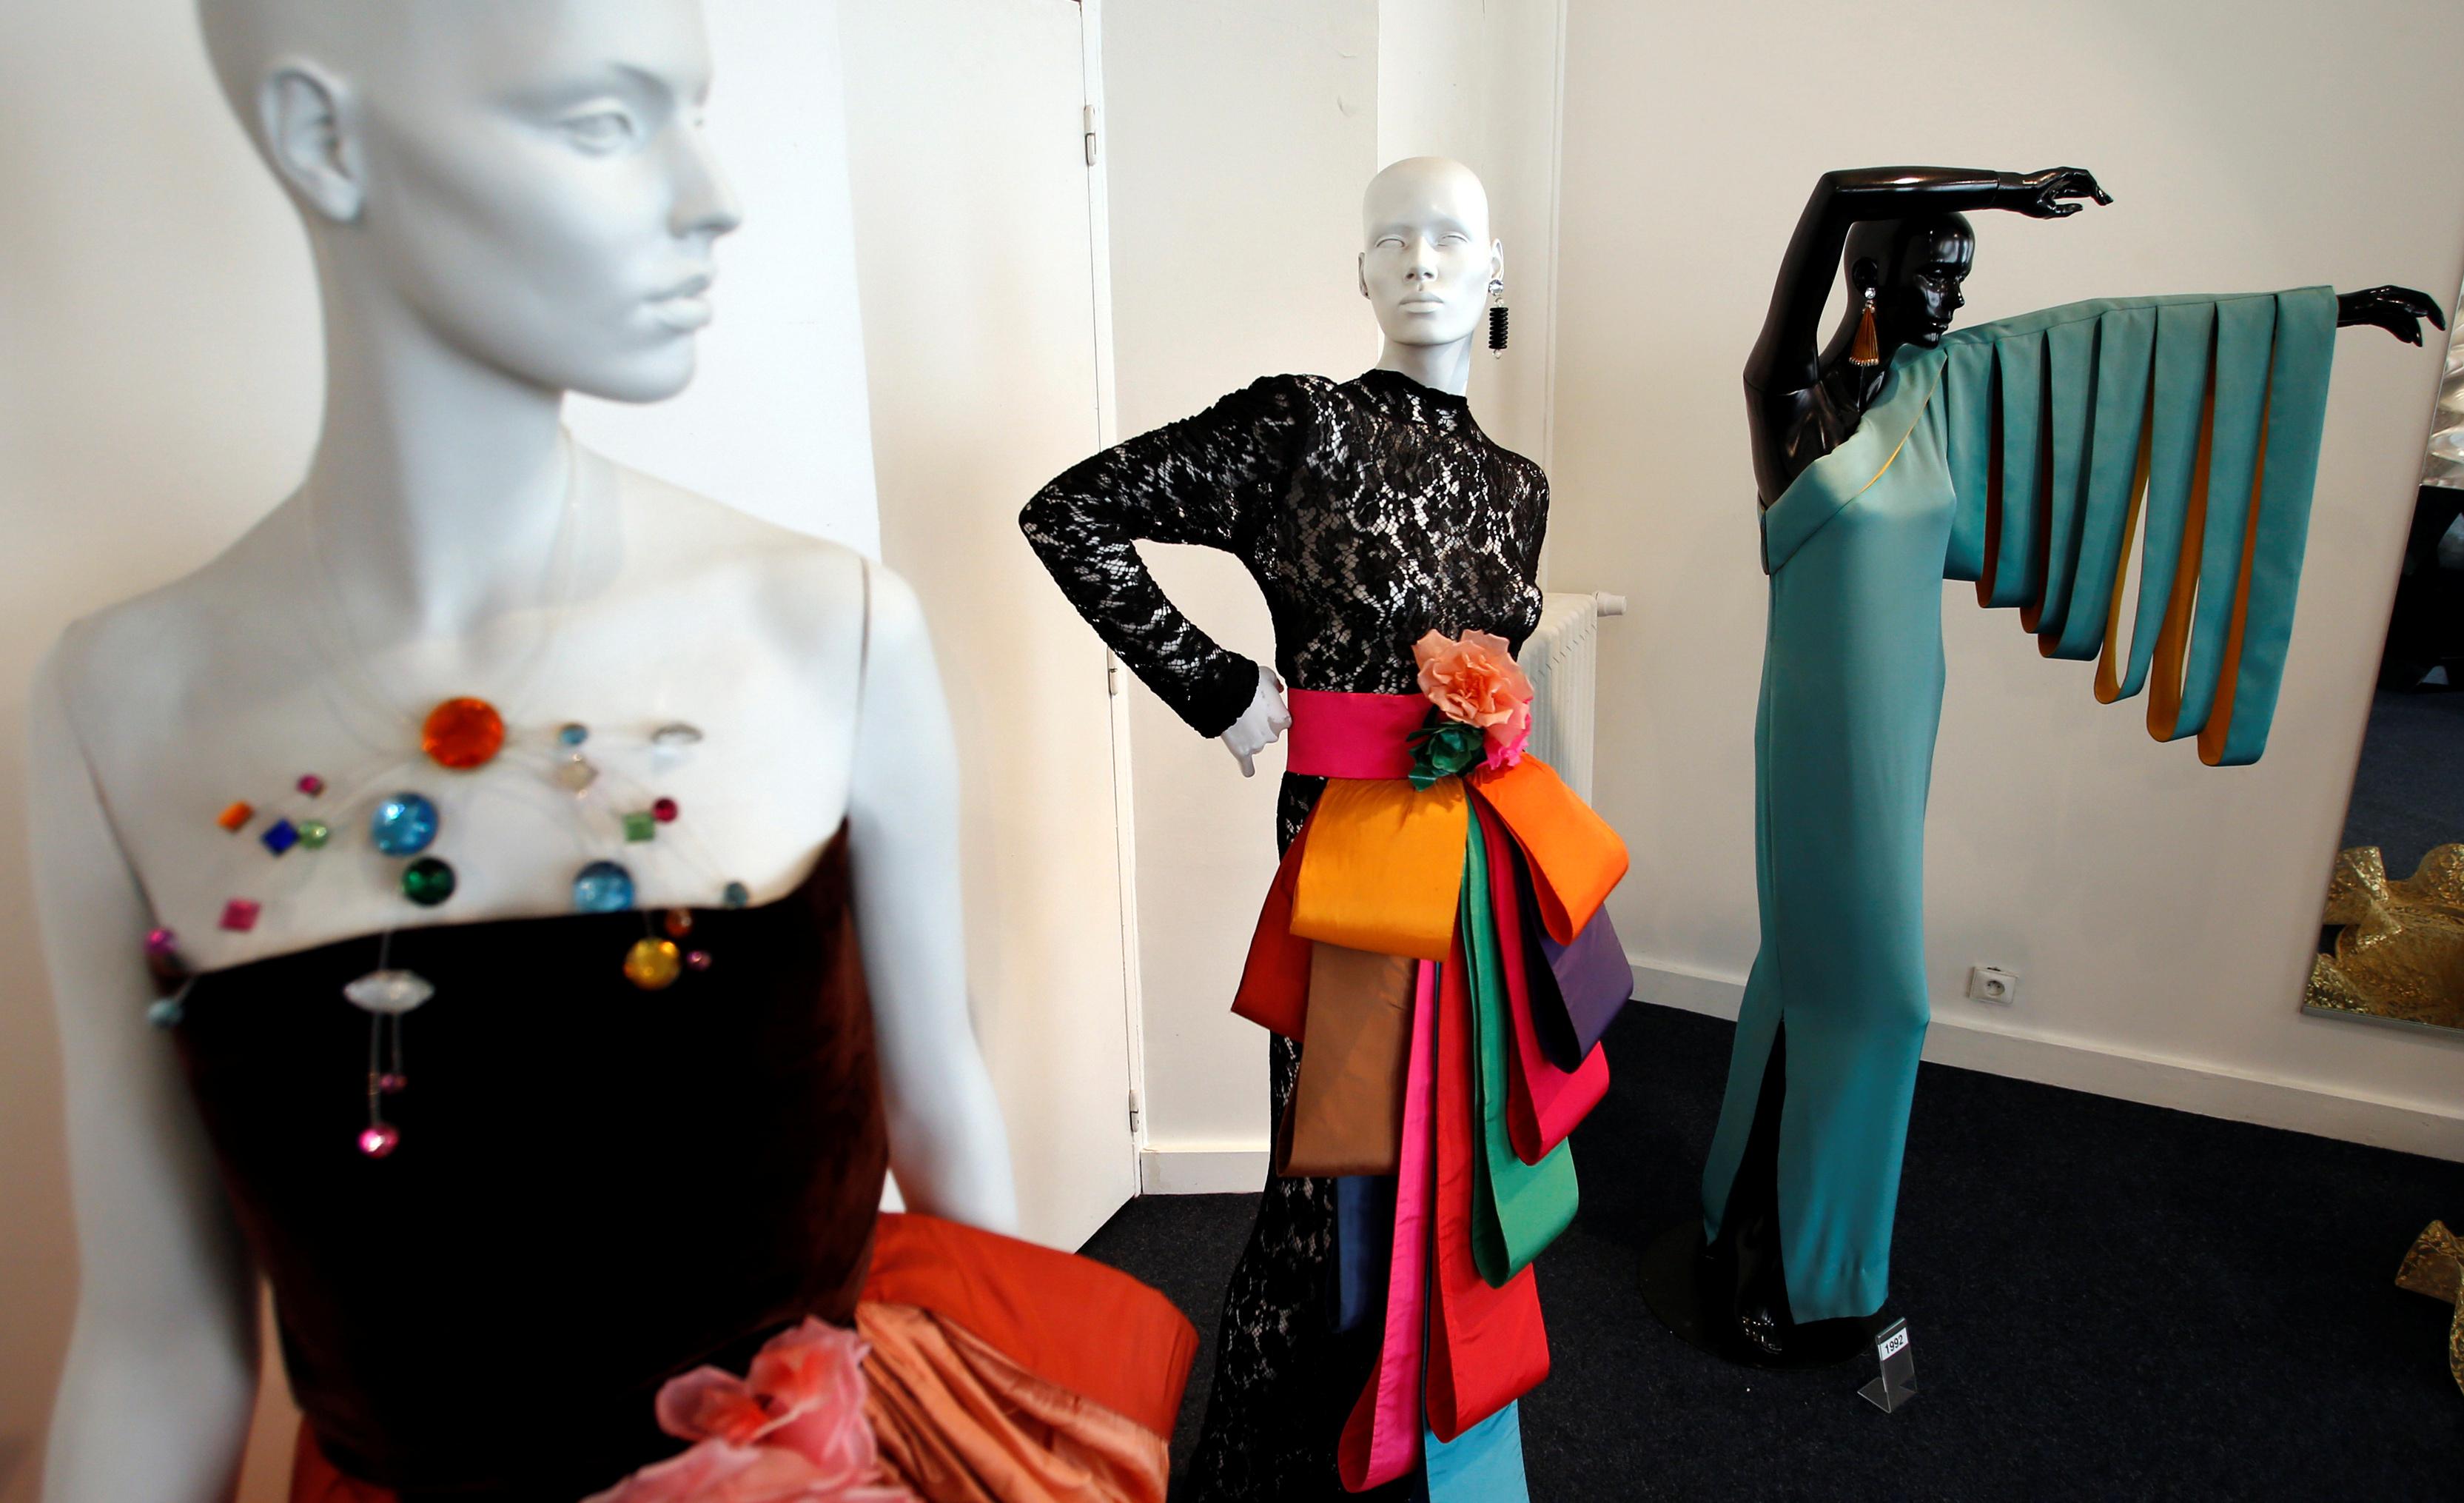 Un año más tarde, en 1946, el diseñador Christian Dior que acababa de abrir su propia casa de modas, en la Avenue Montaigne en París, lo contrata como sastre a Pierre Cardin y comienzan un camino juntos